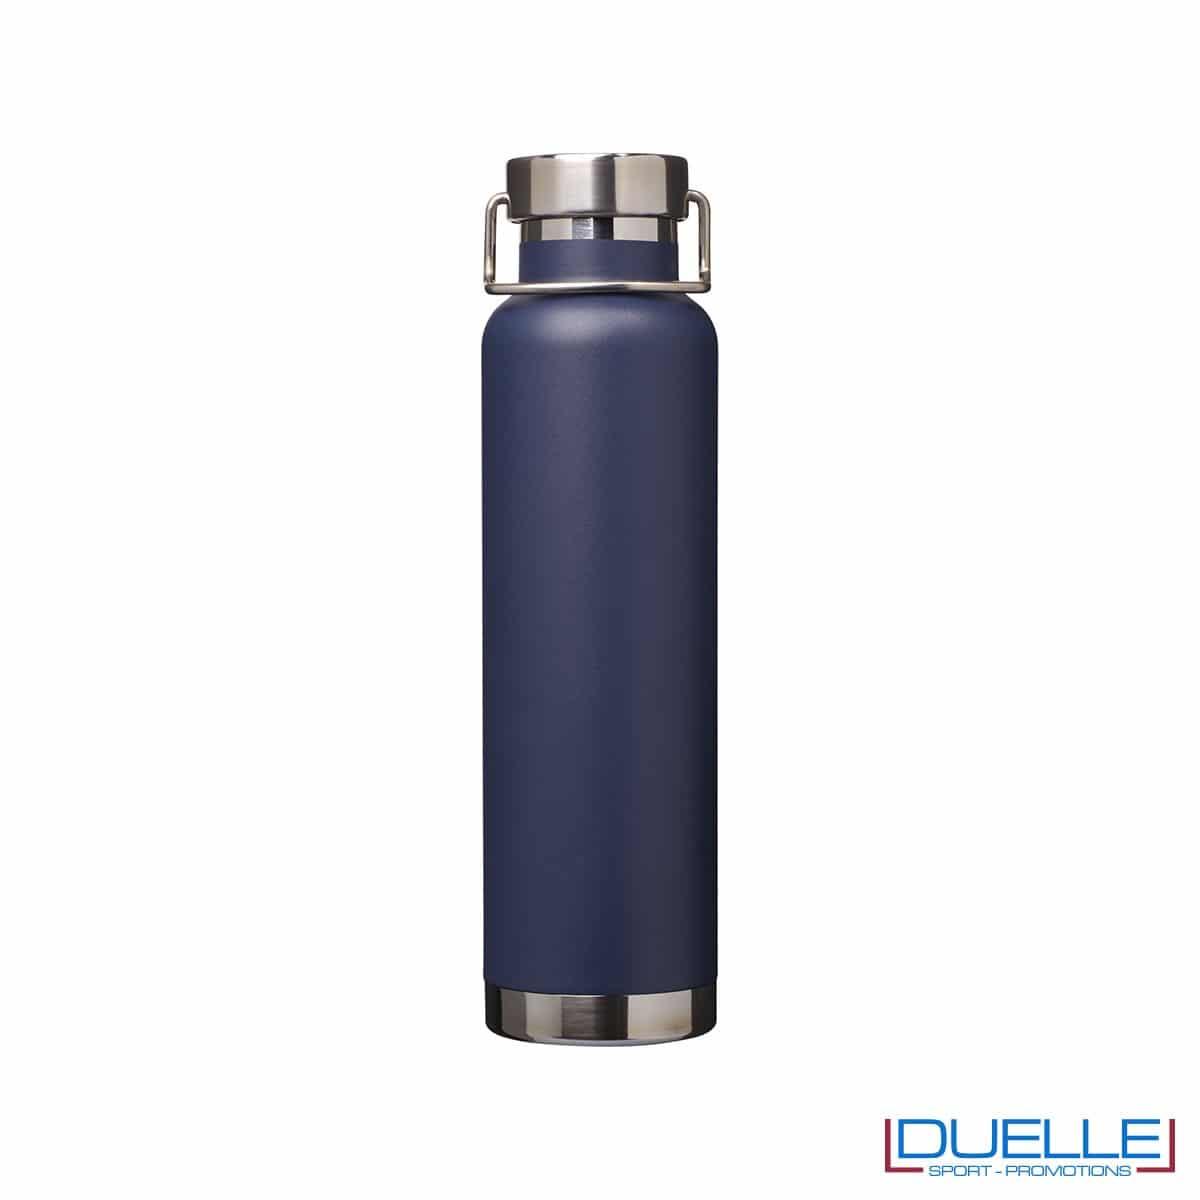 Borraccia termica 650ml personalizzata con incisione laser, colore blu navy